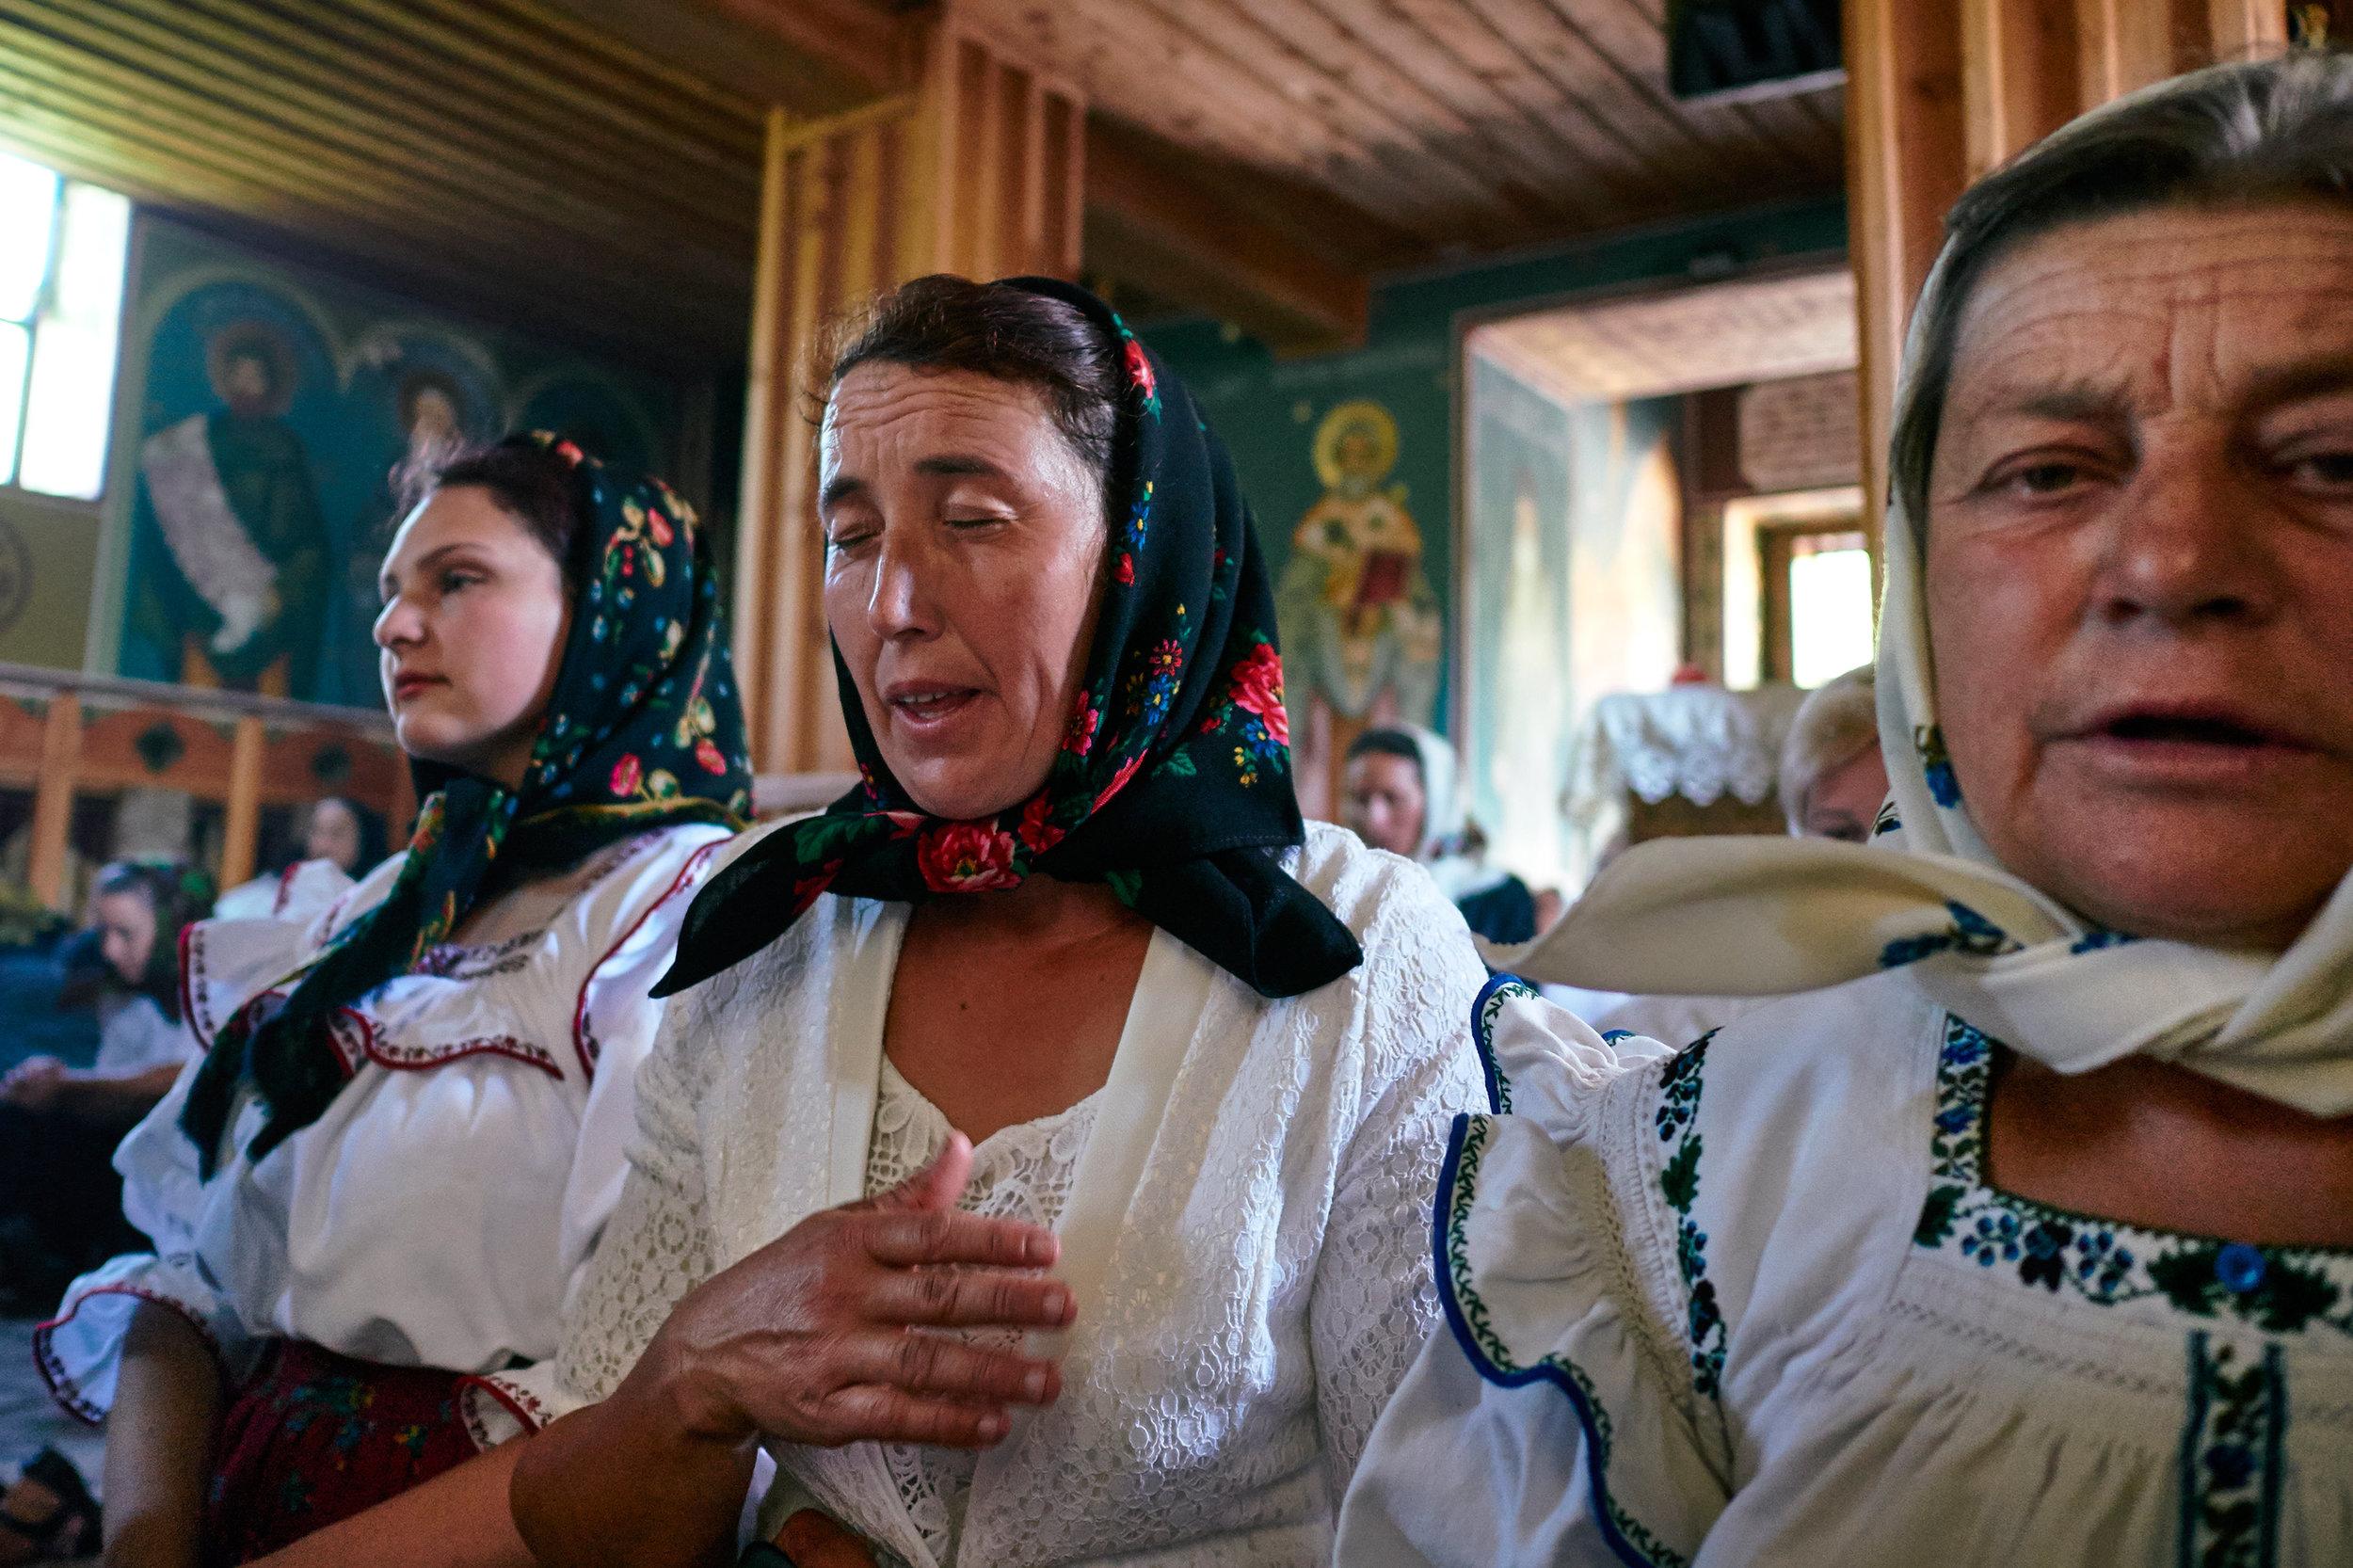 Women-sing-at-a-church-service-Maramues-Romania